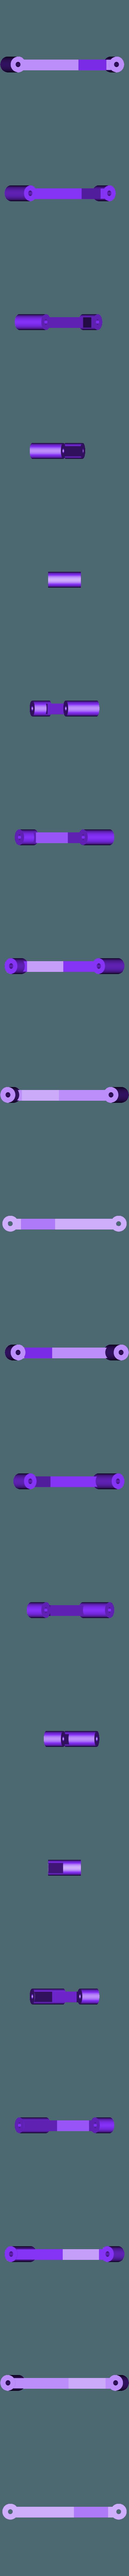 DoorHinge.upper.stl Télécharger fichier STL gratuit Charnière de porte de voûte à retombées et base creuse, remixé • Design à imprimer en 3D, FelixTheCrazy